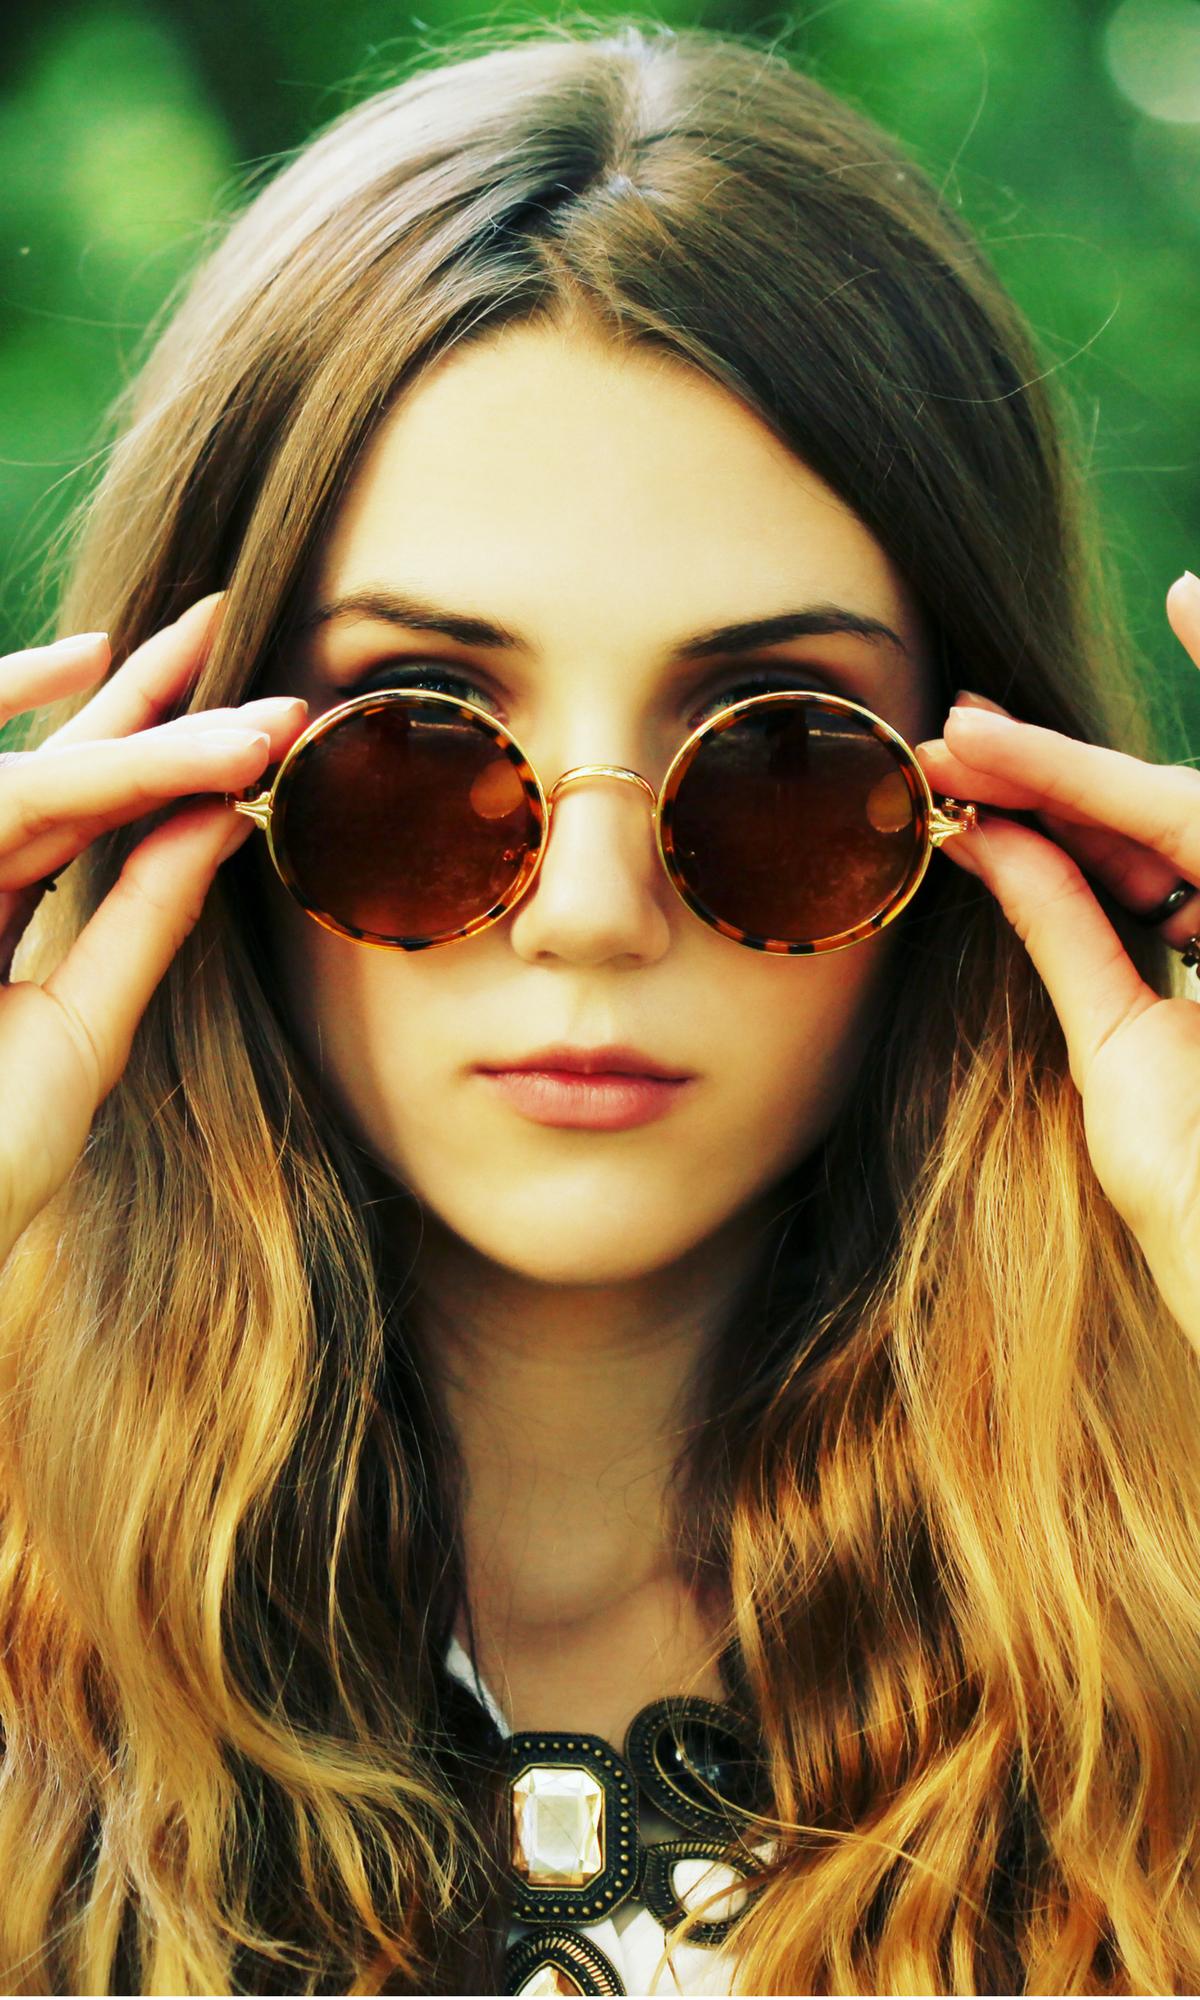 Sonnenbrillen Trends Hier Gib S Angesagte Brillen Ab 8 Bohemian